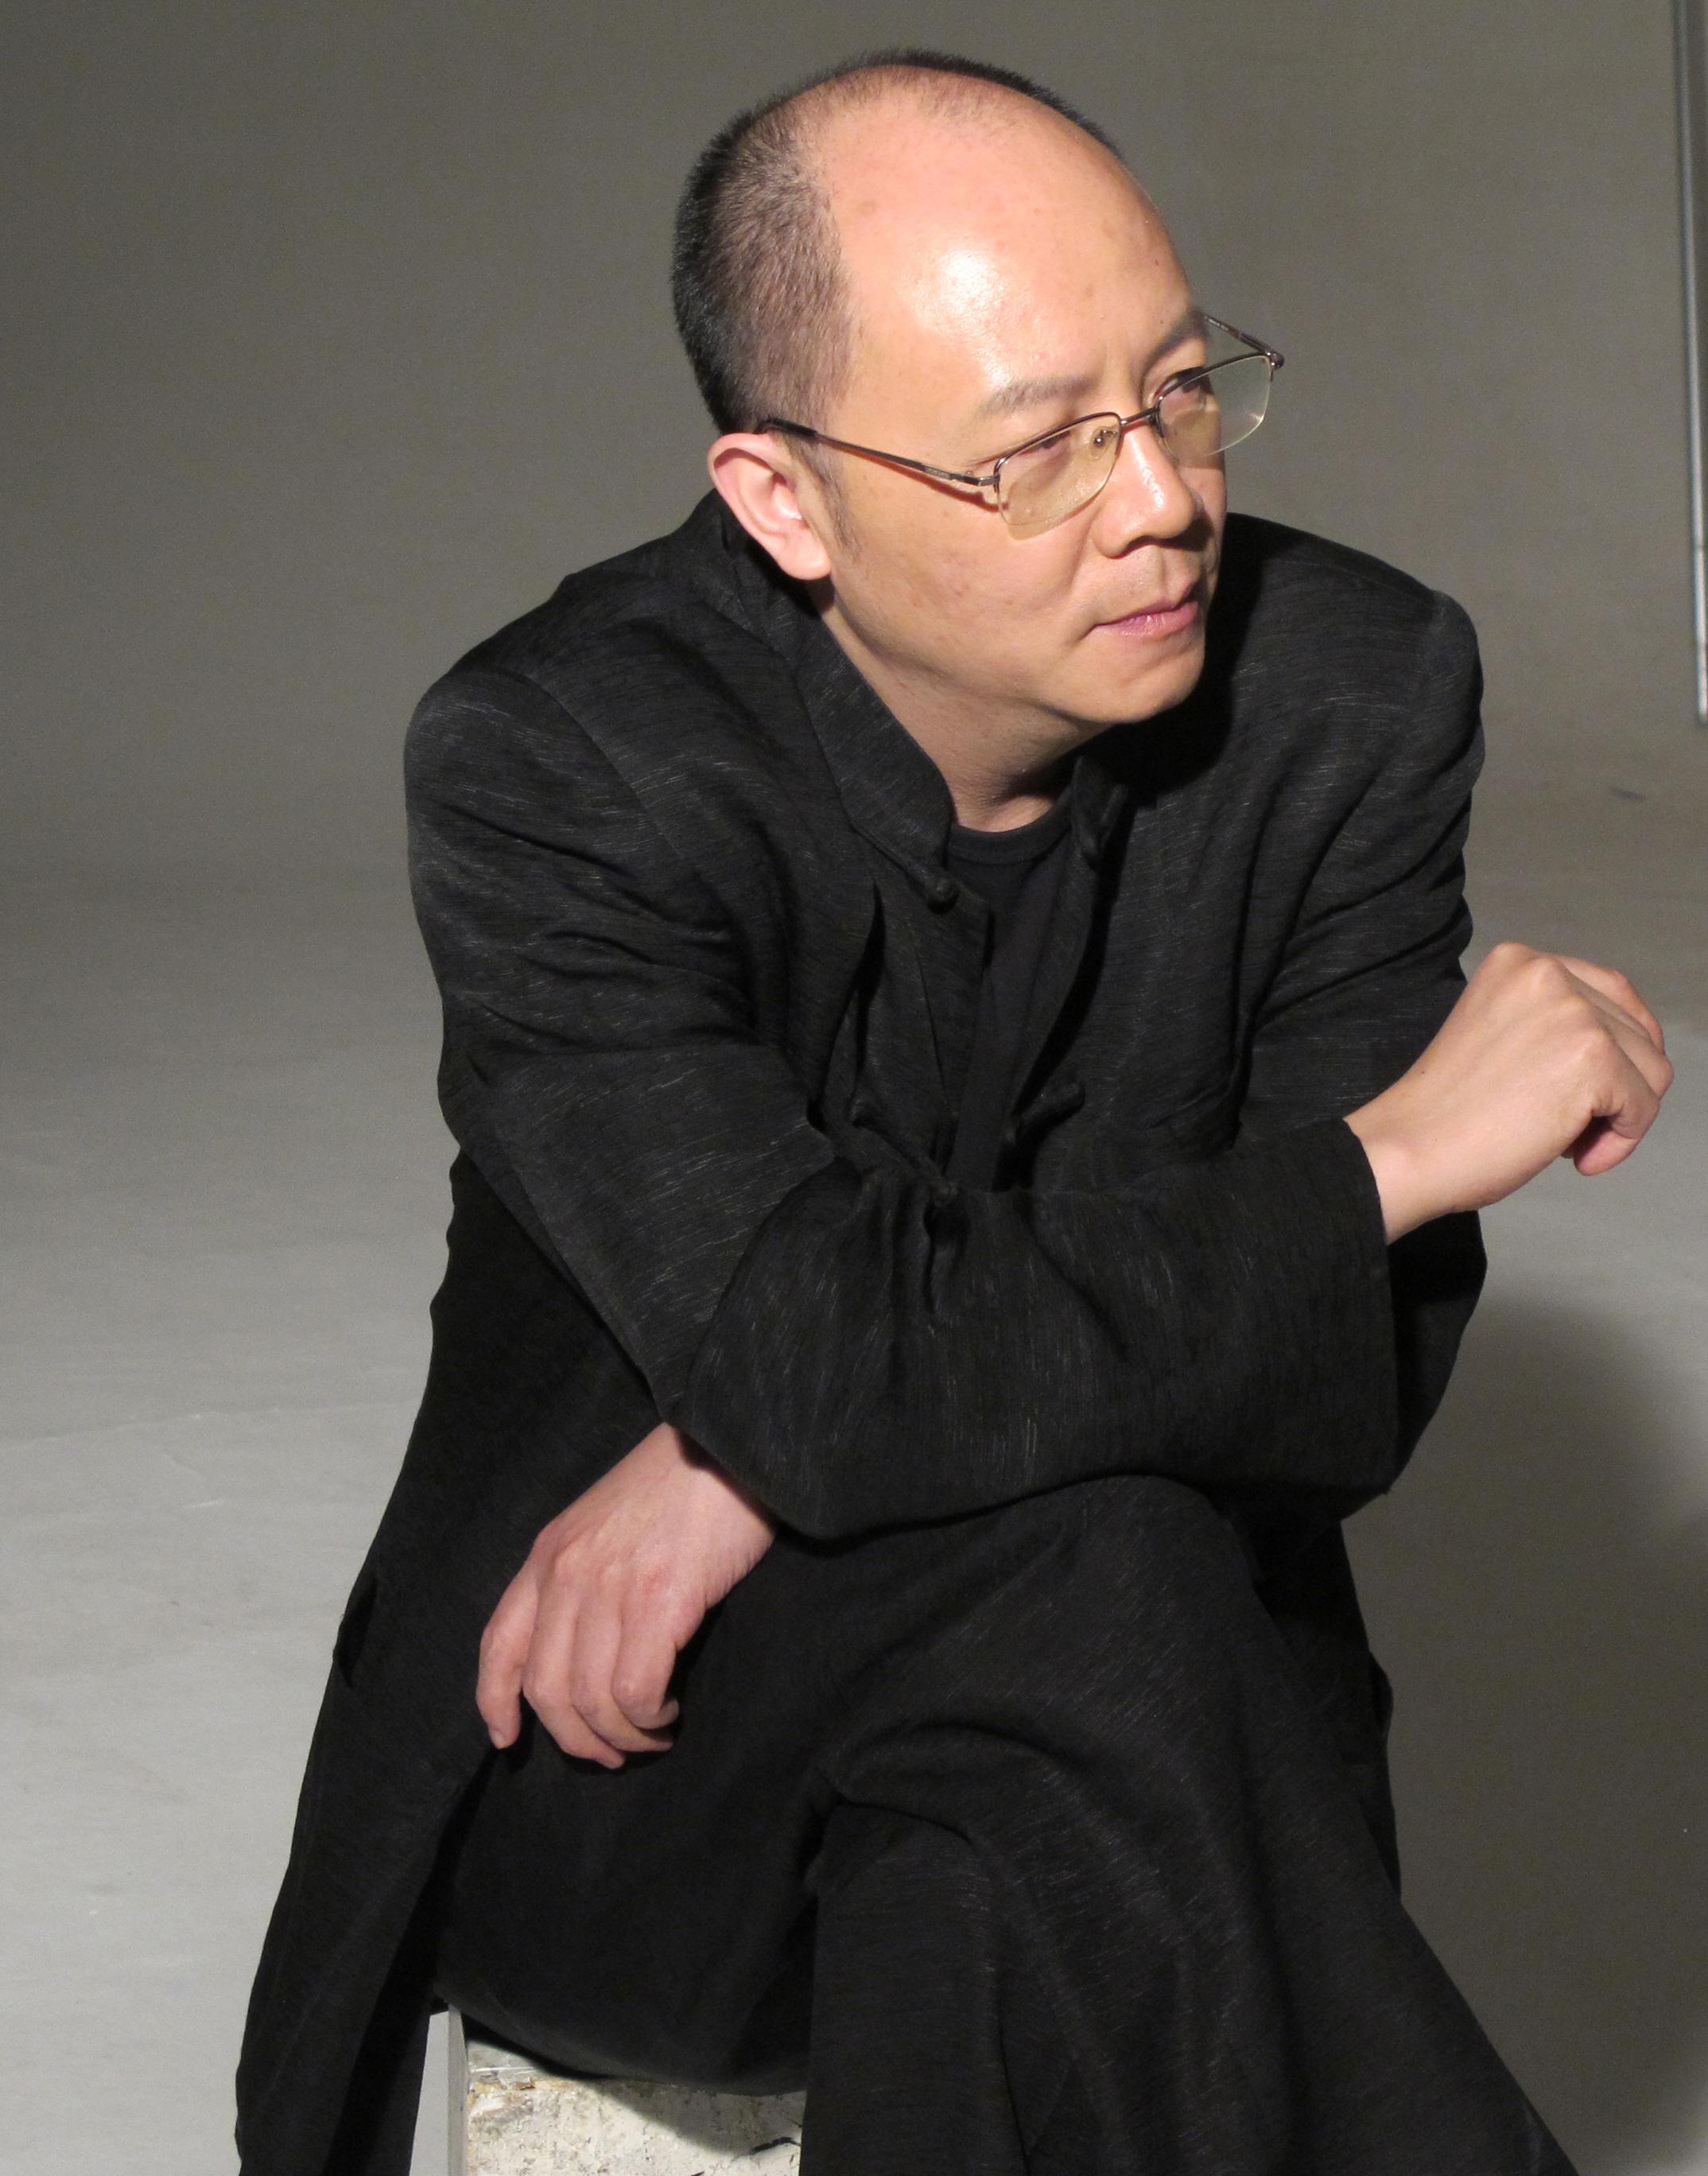 《从头再来》Restart - 缪晓春 Miao Xiaochun